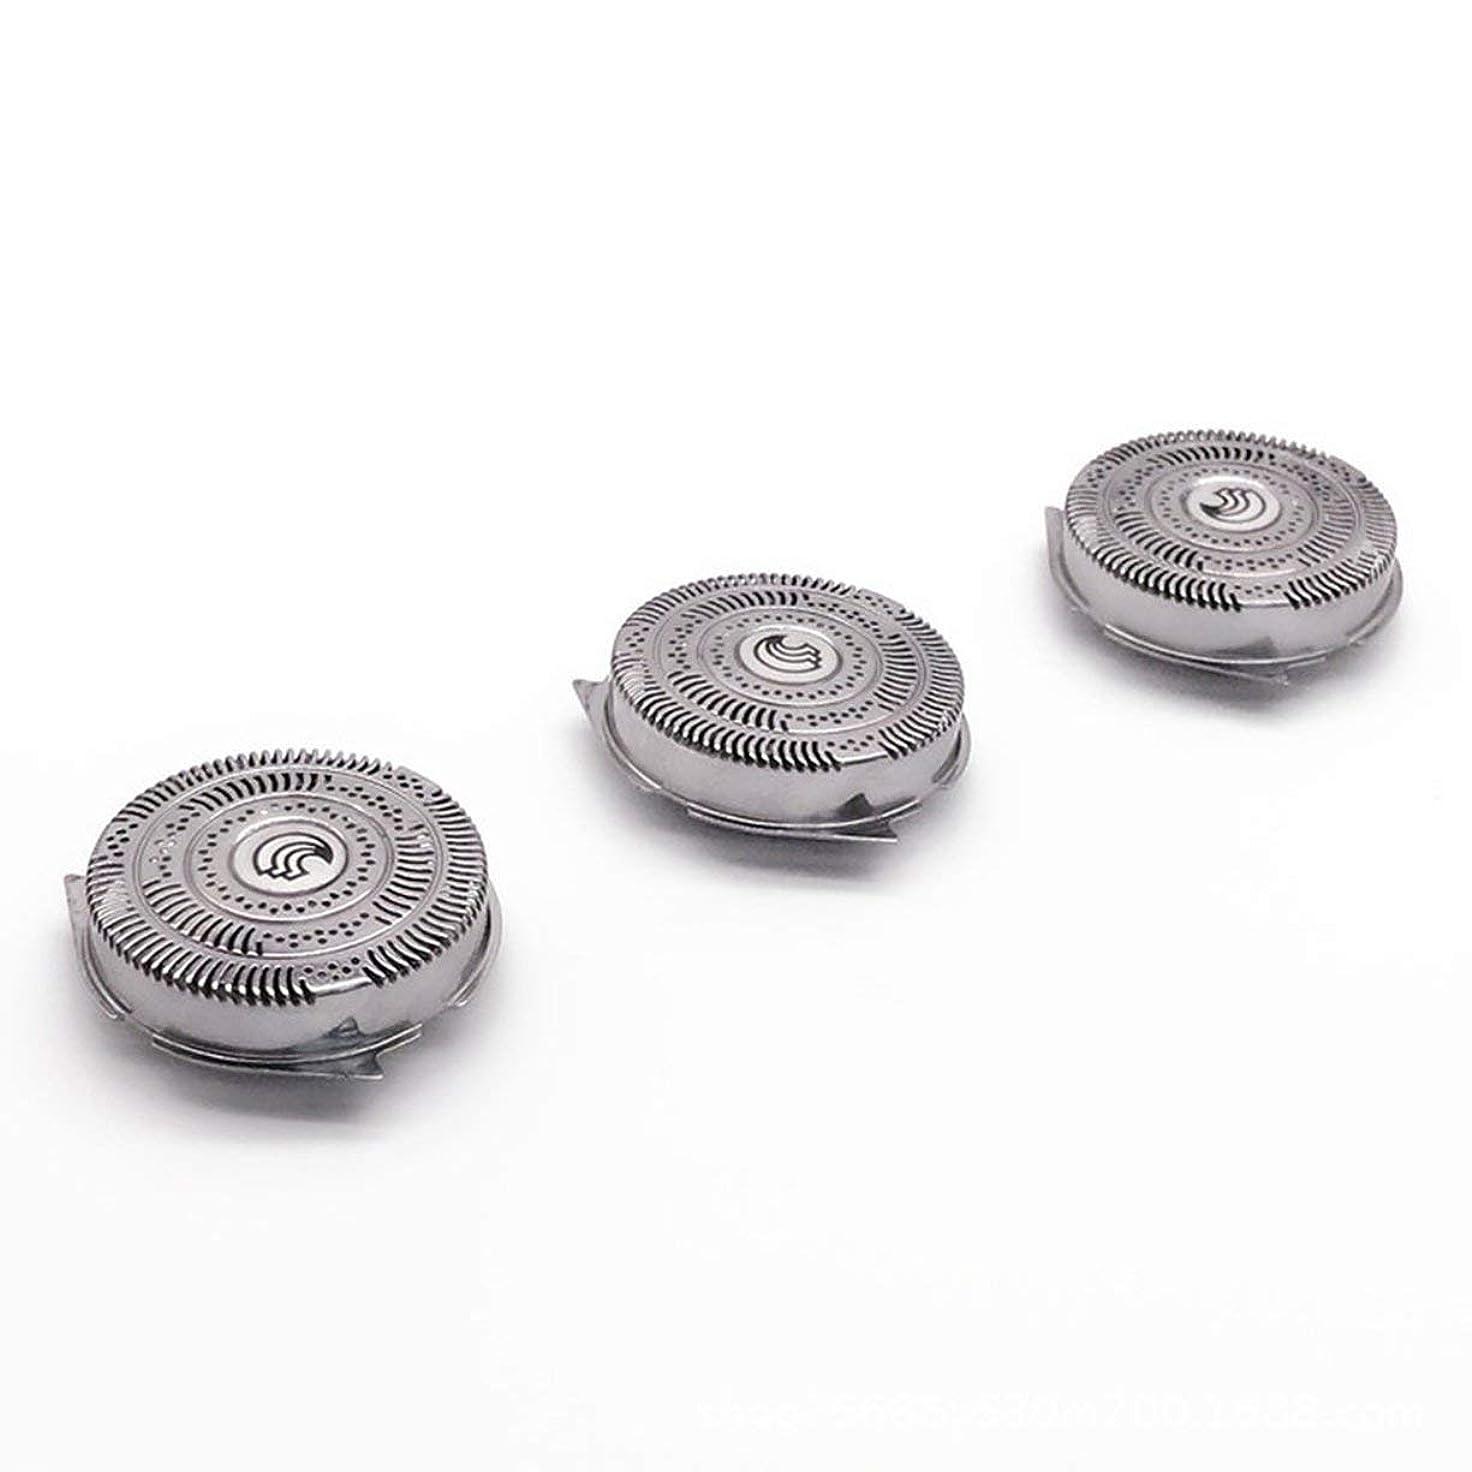 独立してシャープ型フィリップスHQ9070 HQ9080 HQ8240 / 8260 PT920ロータリーシェーバーアクセサリー用シルバー3本シェーバーかみそり刃シェービングヘッド交換用フィット - シルバー